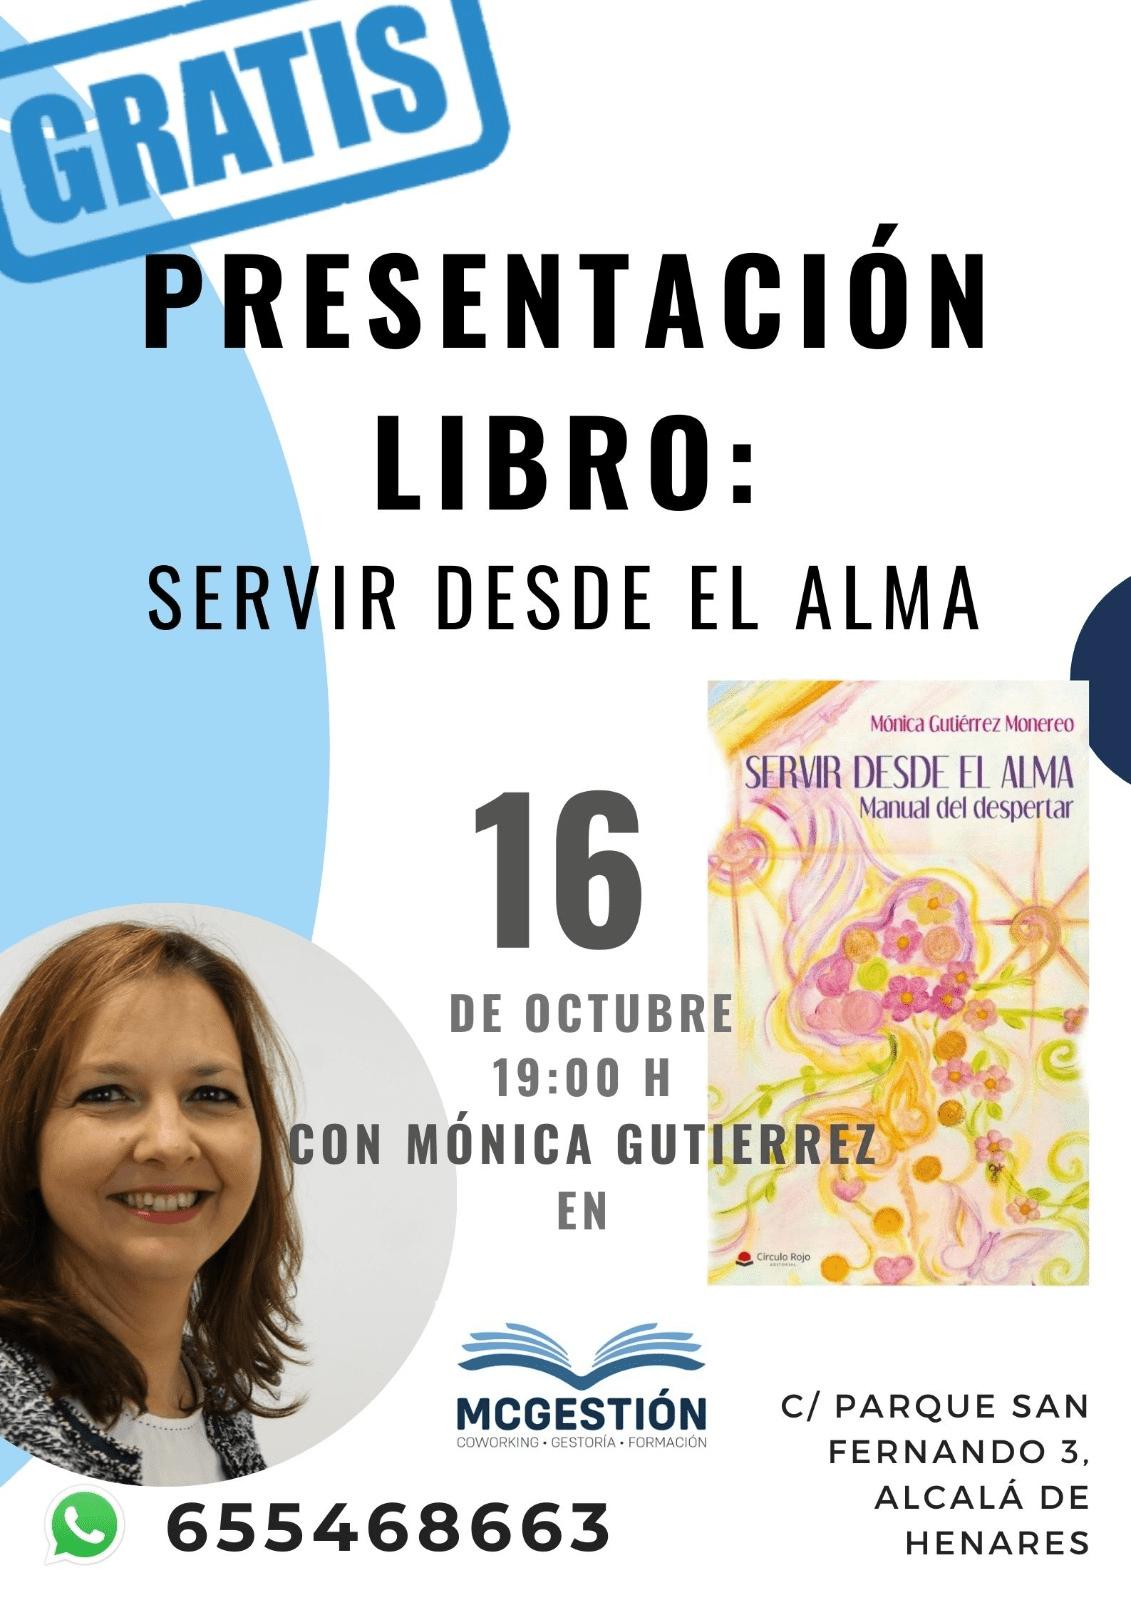 PRESENTACION LIBRO SERVIR DESDE EL ALMA